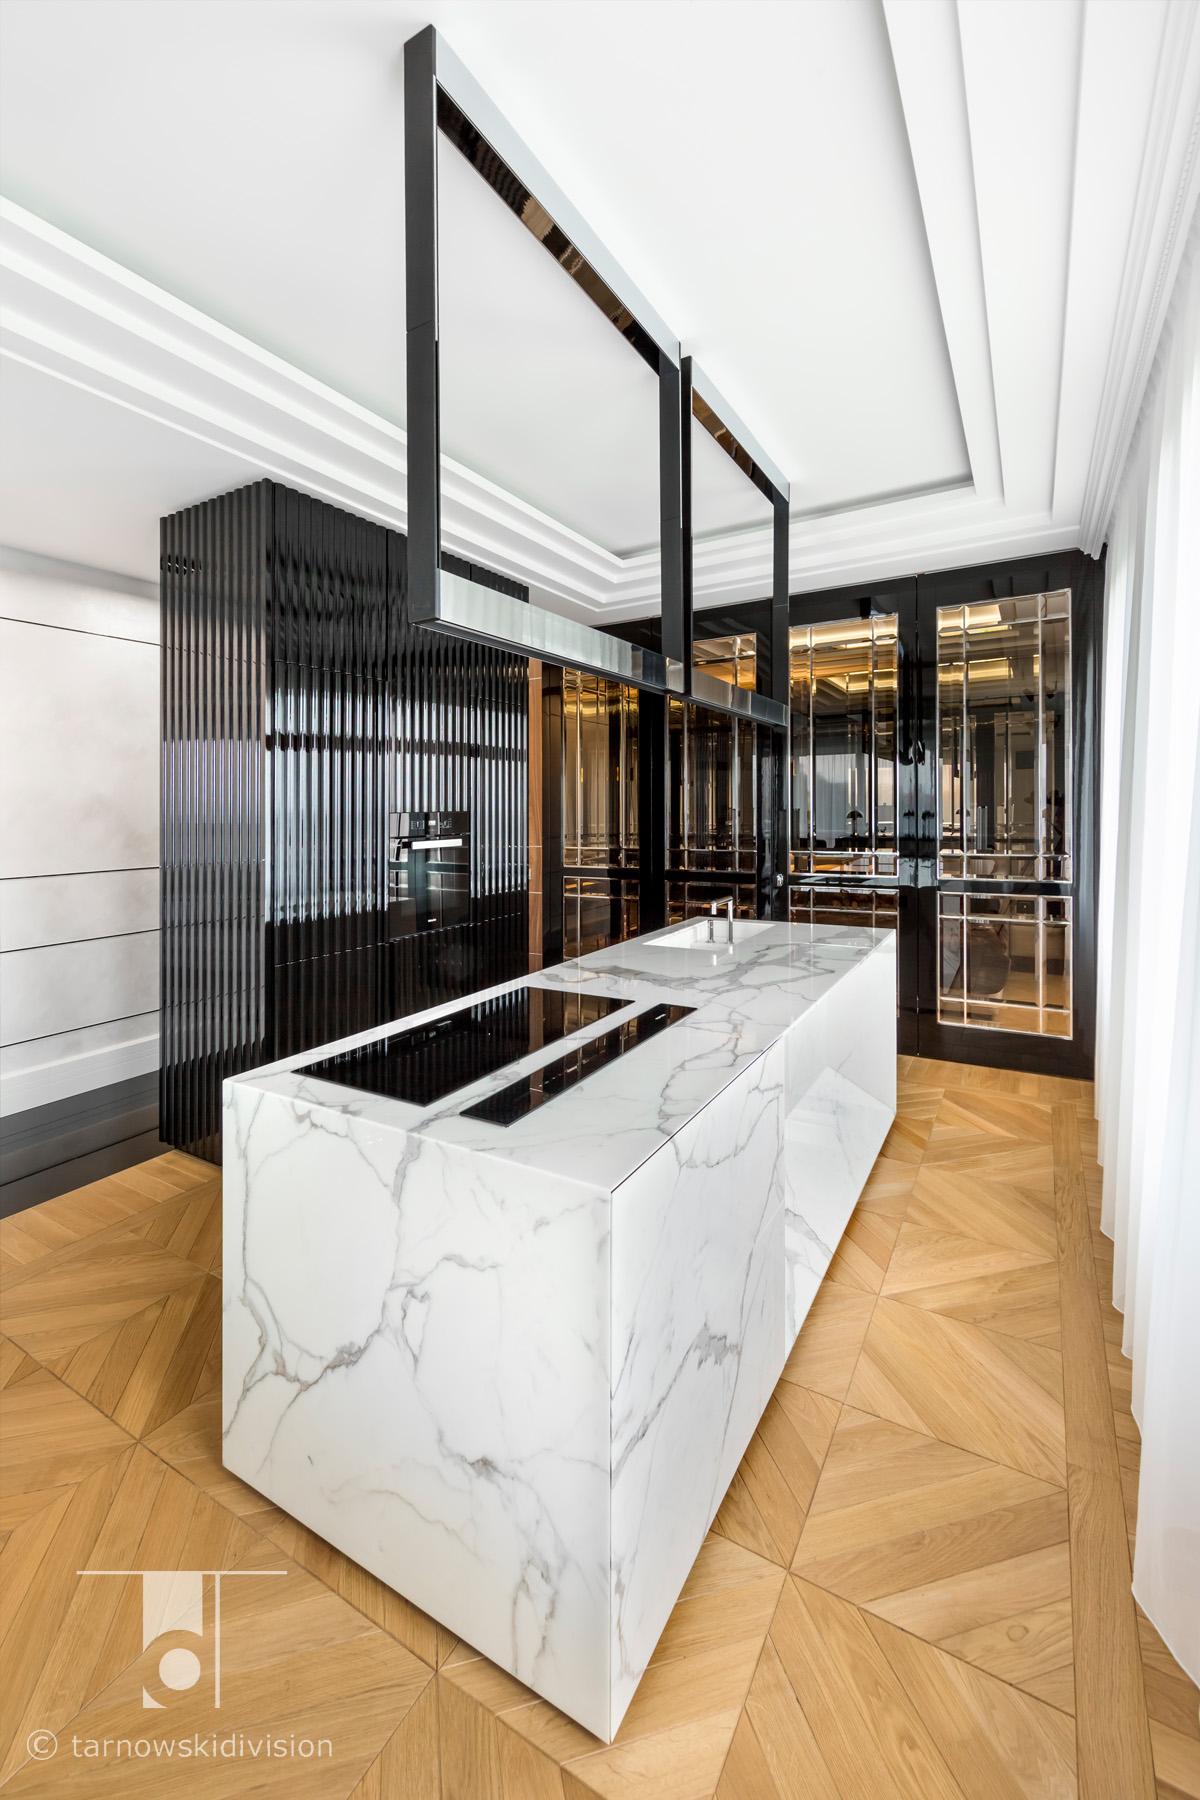 ekskluzywna kuchnia luksusowa kamienna wyspa kuchenna z kamienia aranżacja kuchni luxury kitchen island_tarnowski division